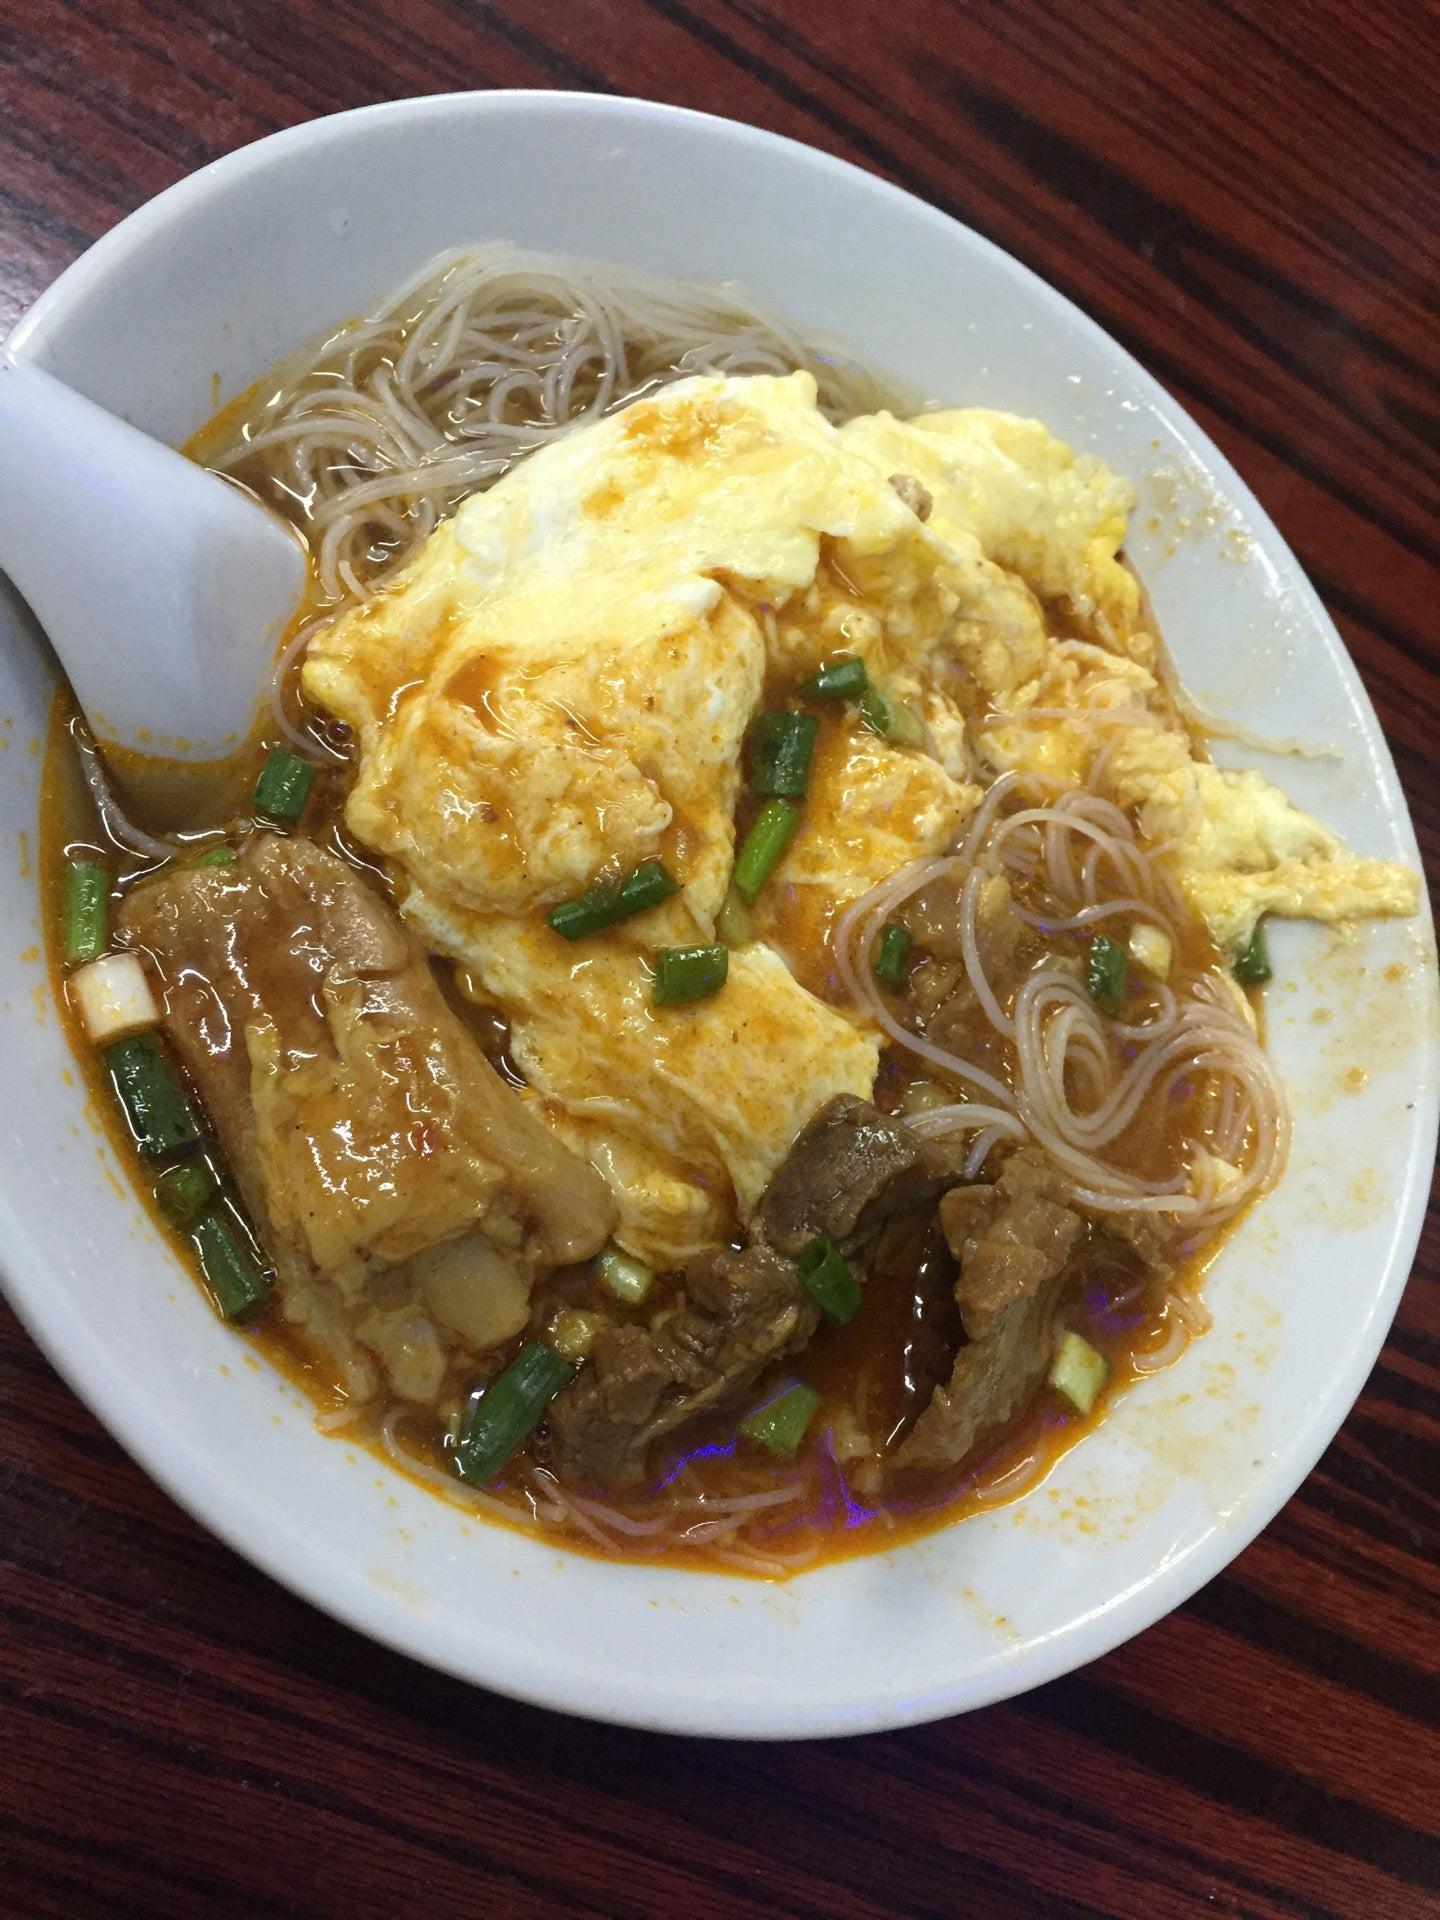 橋記咖啡美食 – 澳門路環市區的葡國菜茶餐廳/冰室 | OpenRice 香港開飯喇